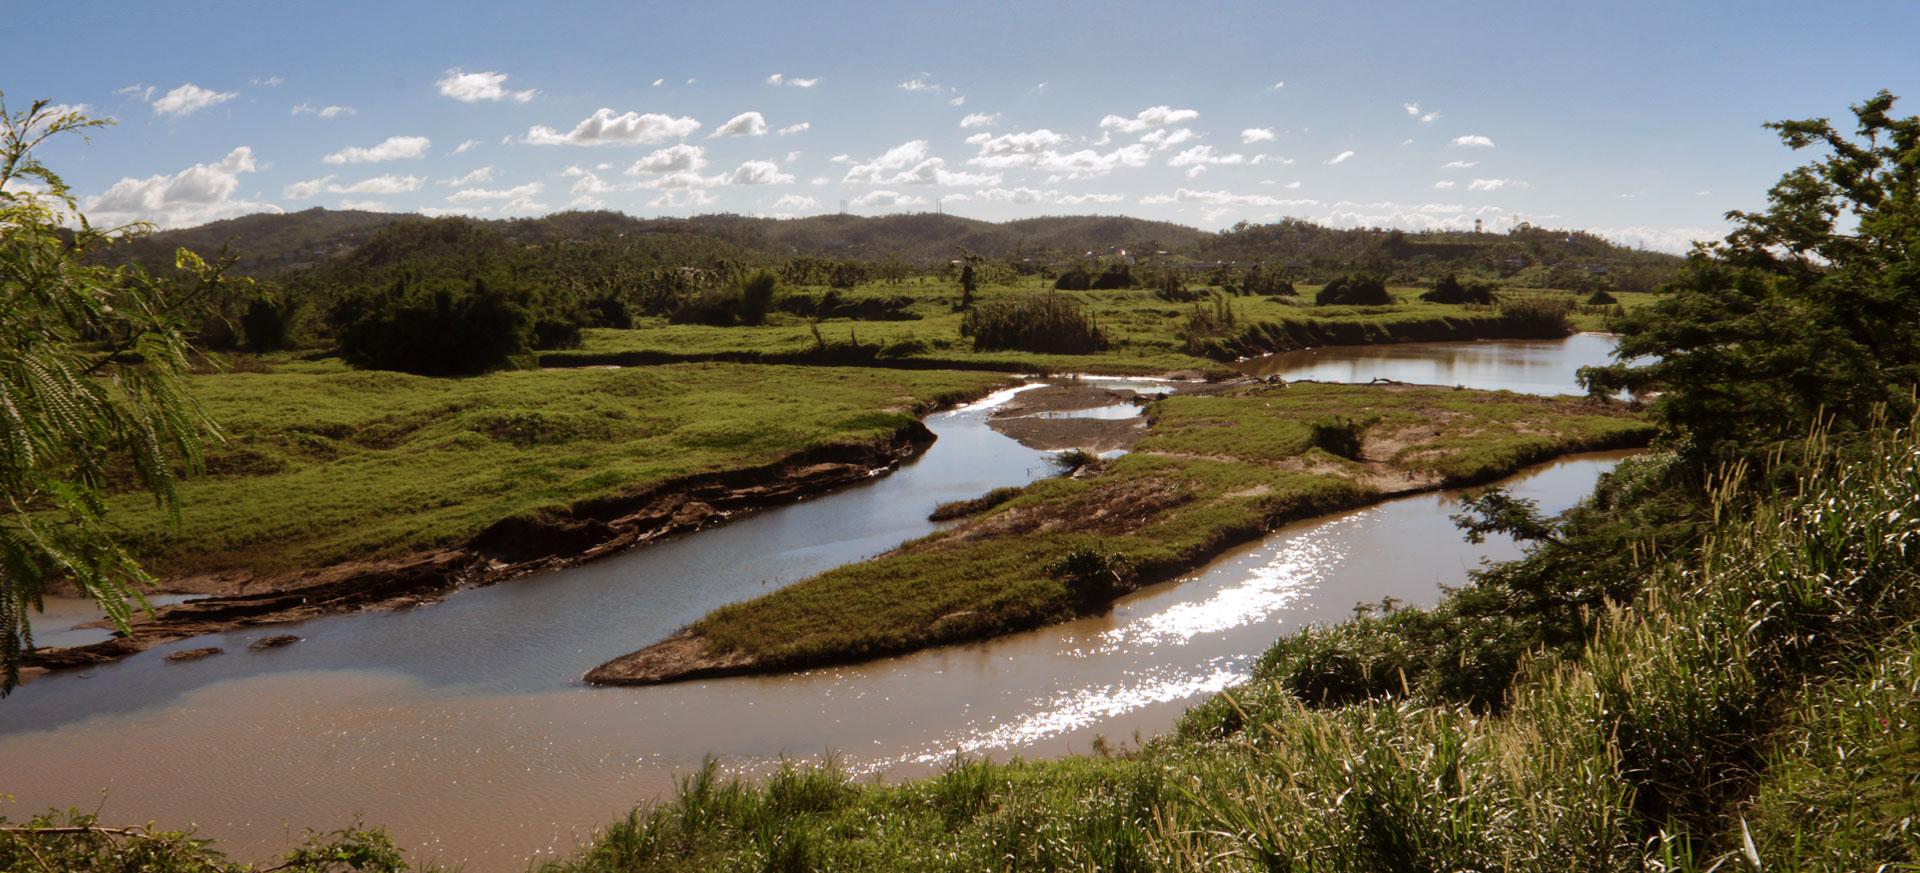 Vista del Río Grande de Loíza desde la parte trasera de Walgreens de la Carretera 3 en Carolina, Puerto Rico.